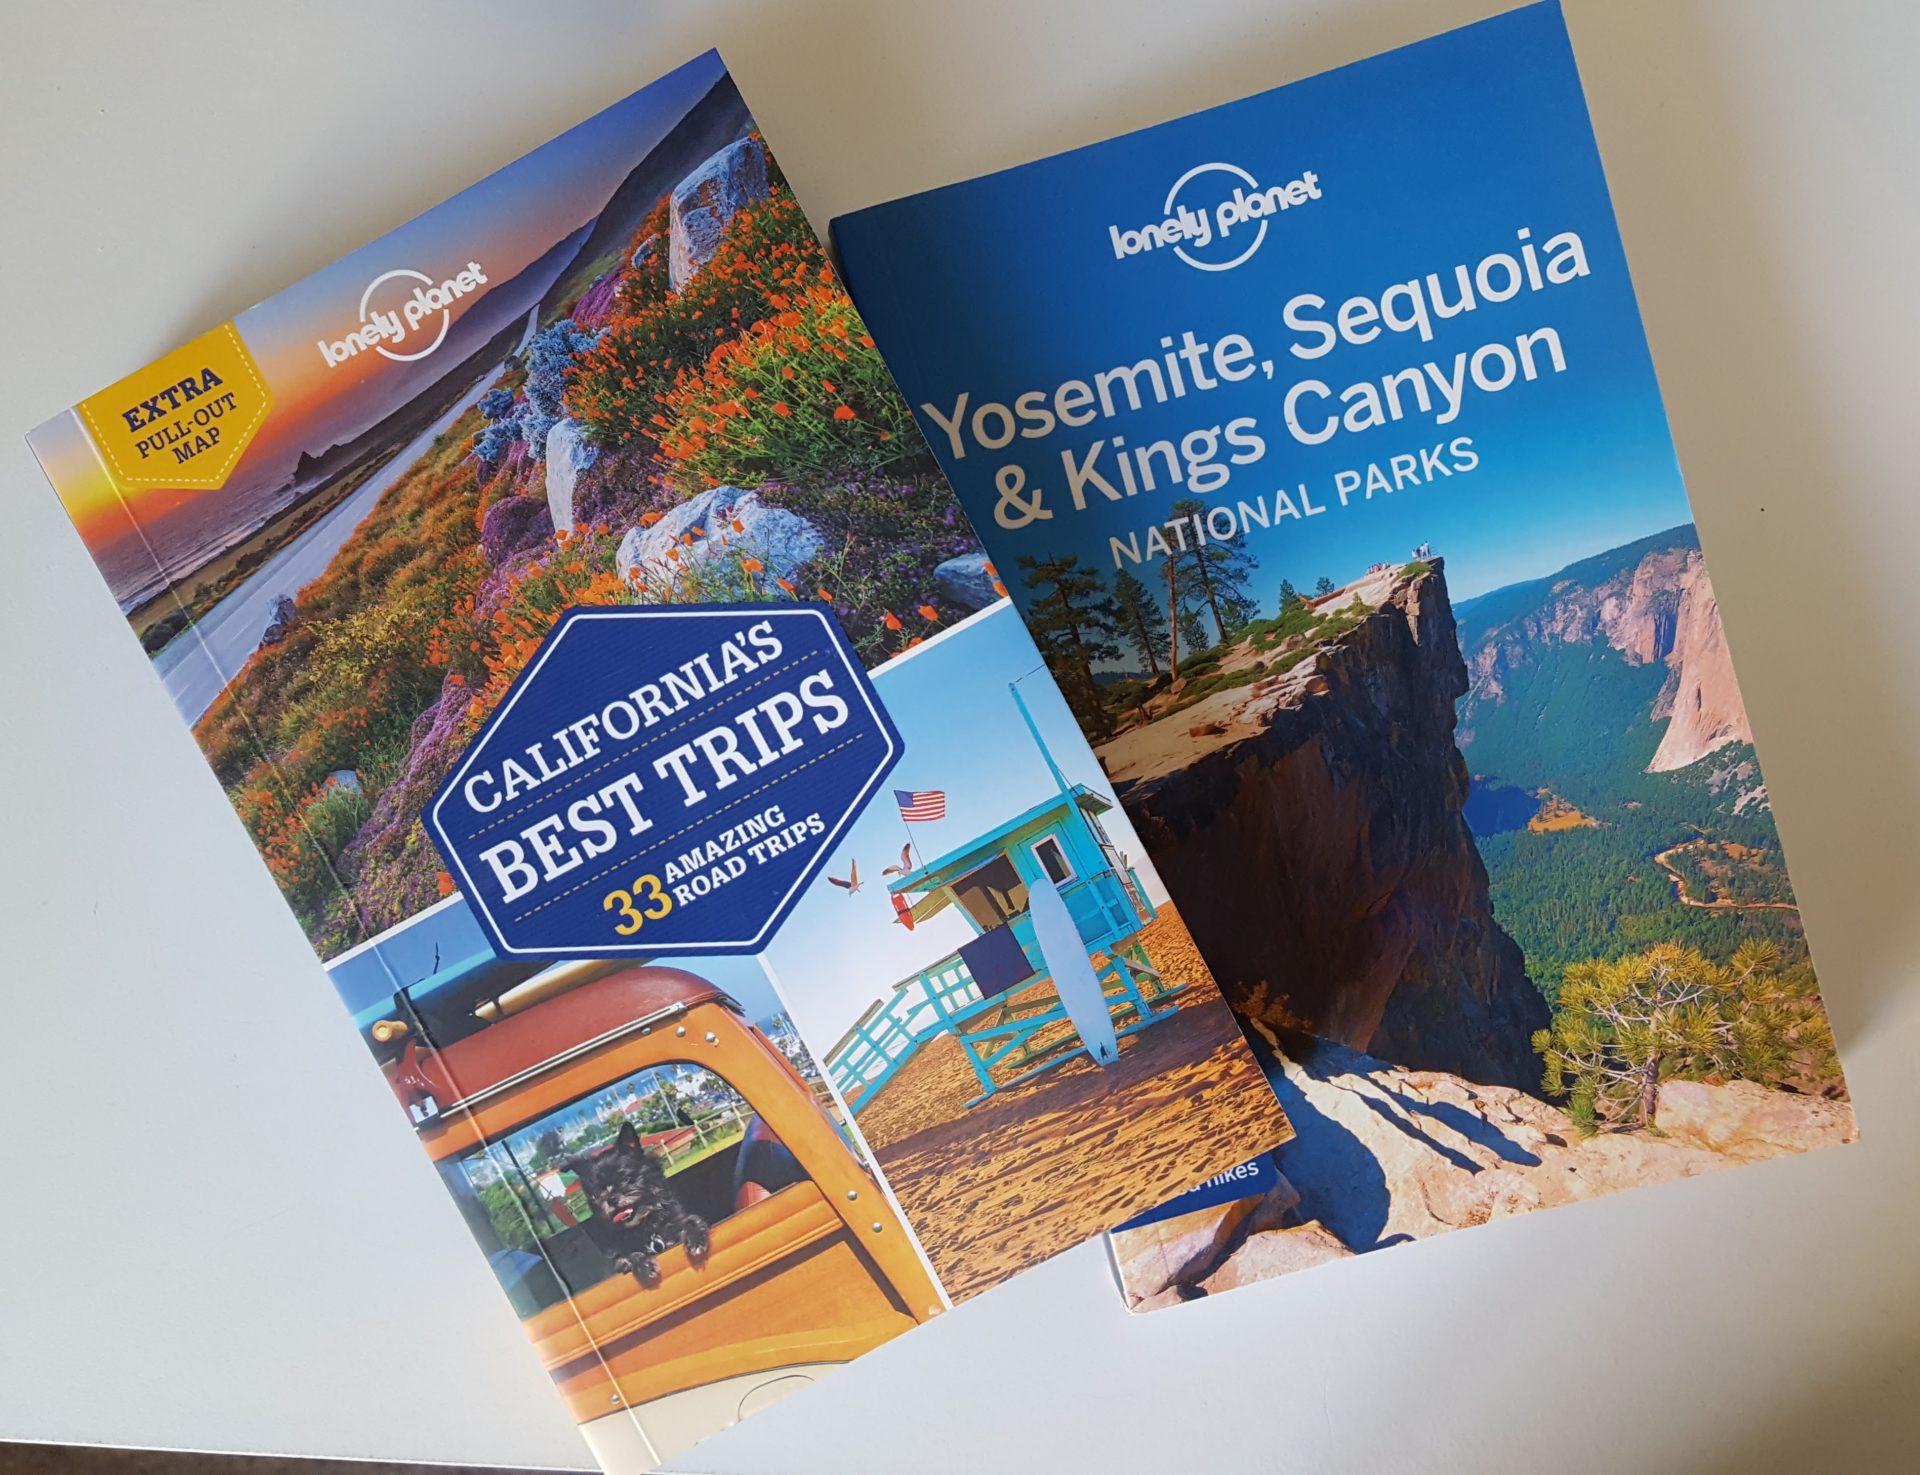 sf-home-books-guides-c-w-bound